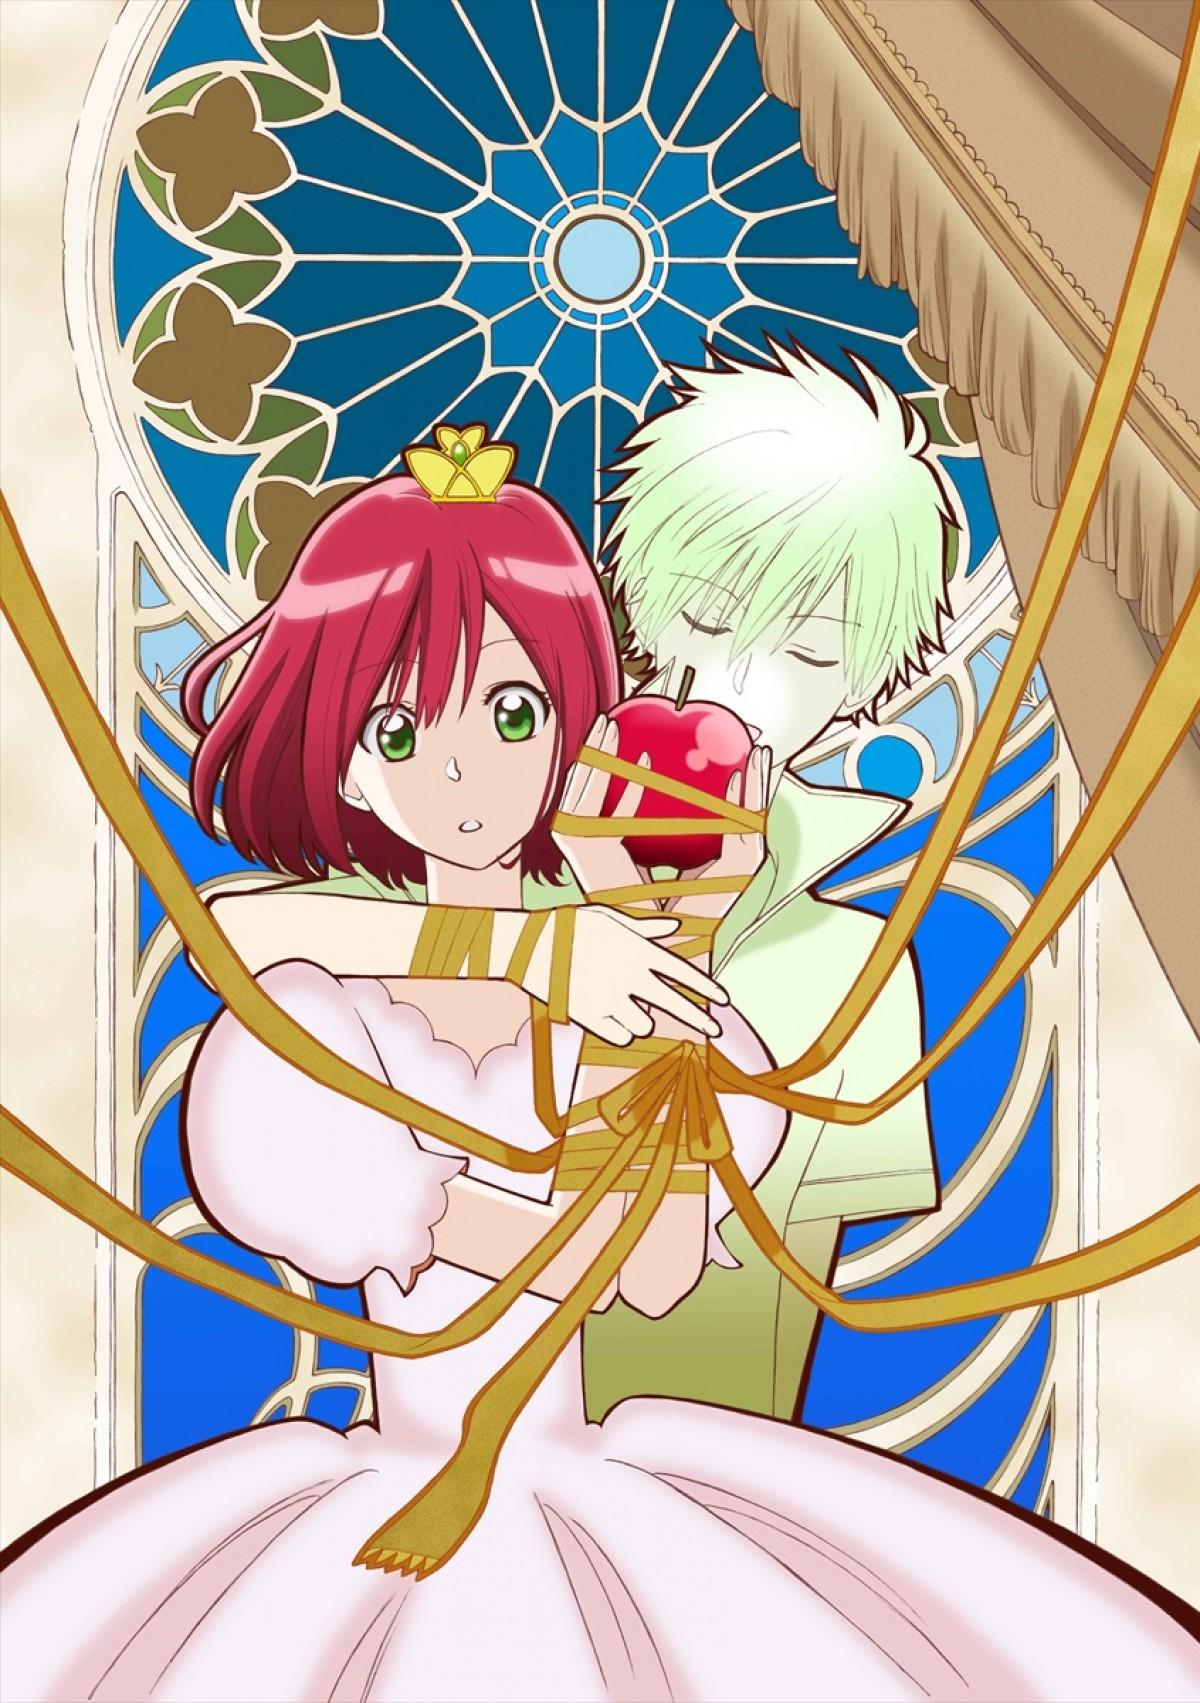 赤髪の白雪姫、後ろから抱きつくゼン